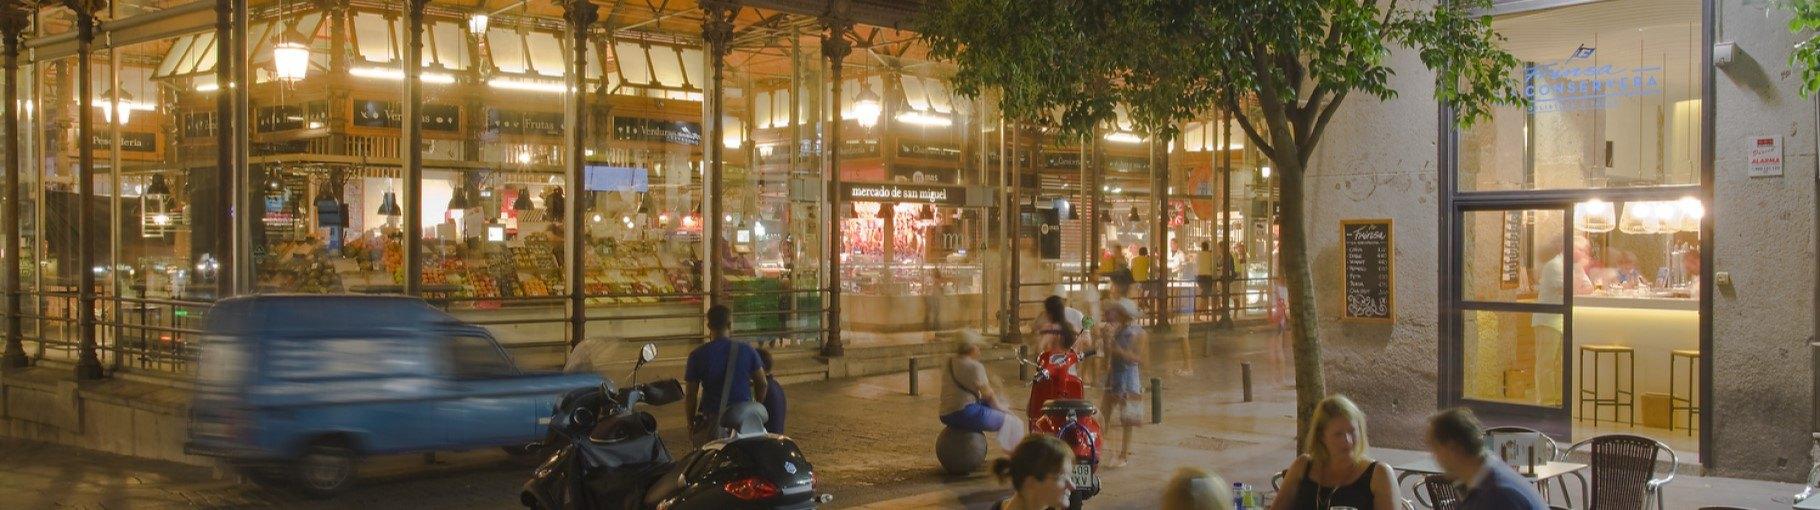 La Conservera Frinsa en Mercado San Miguel